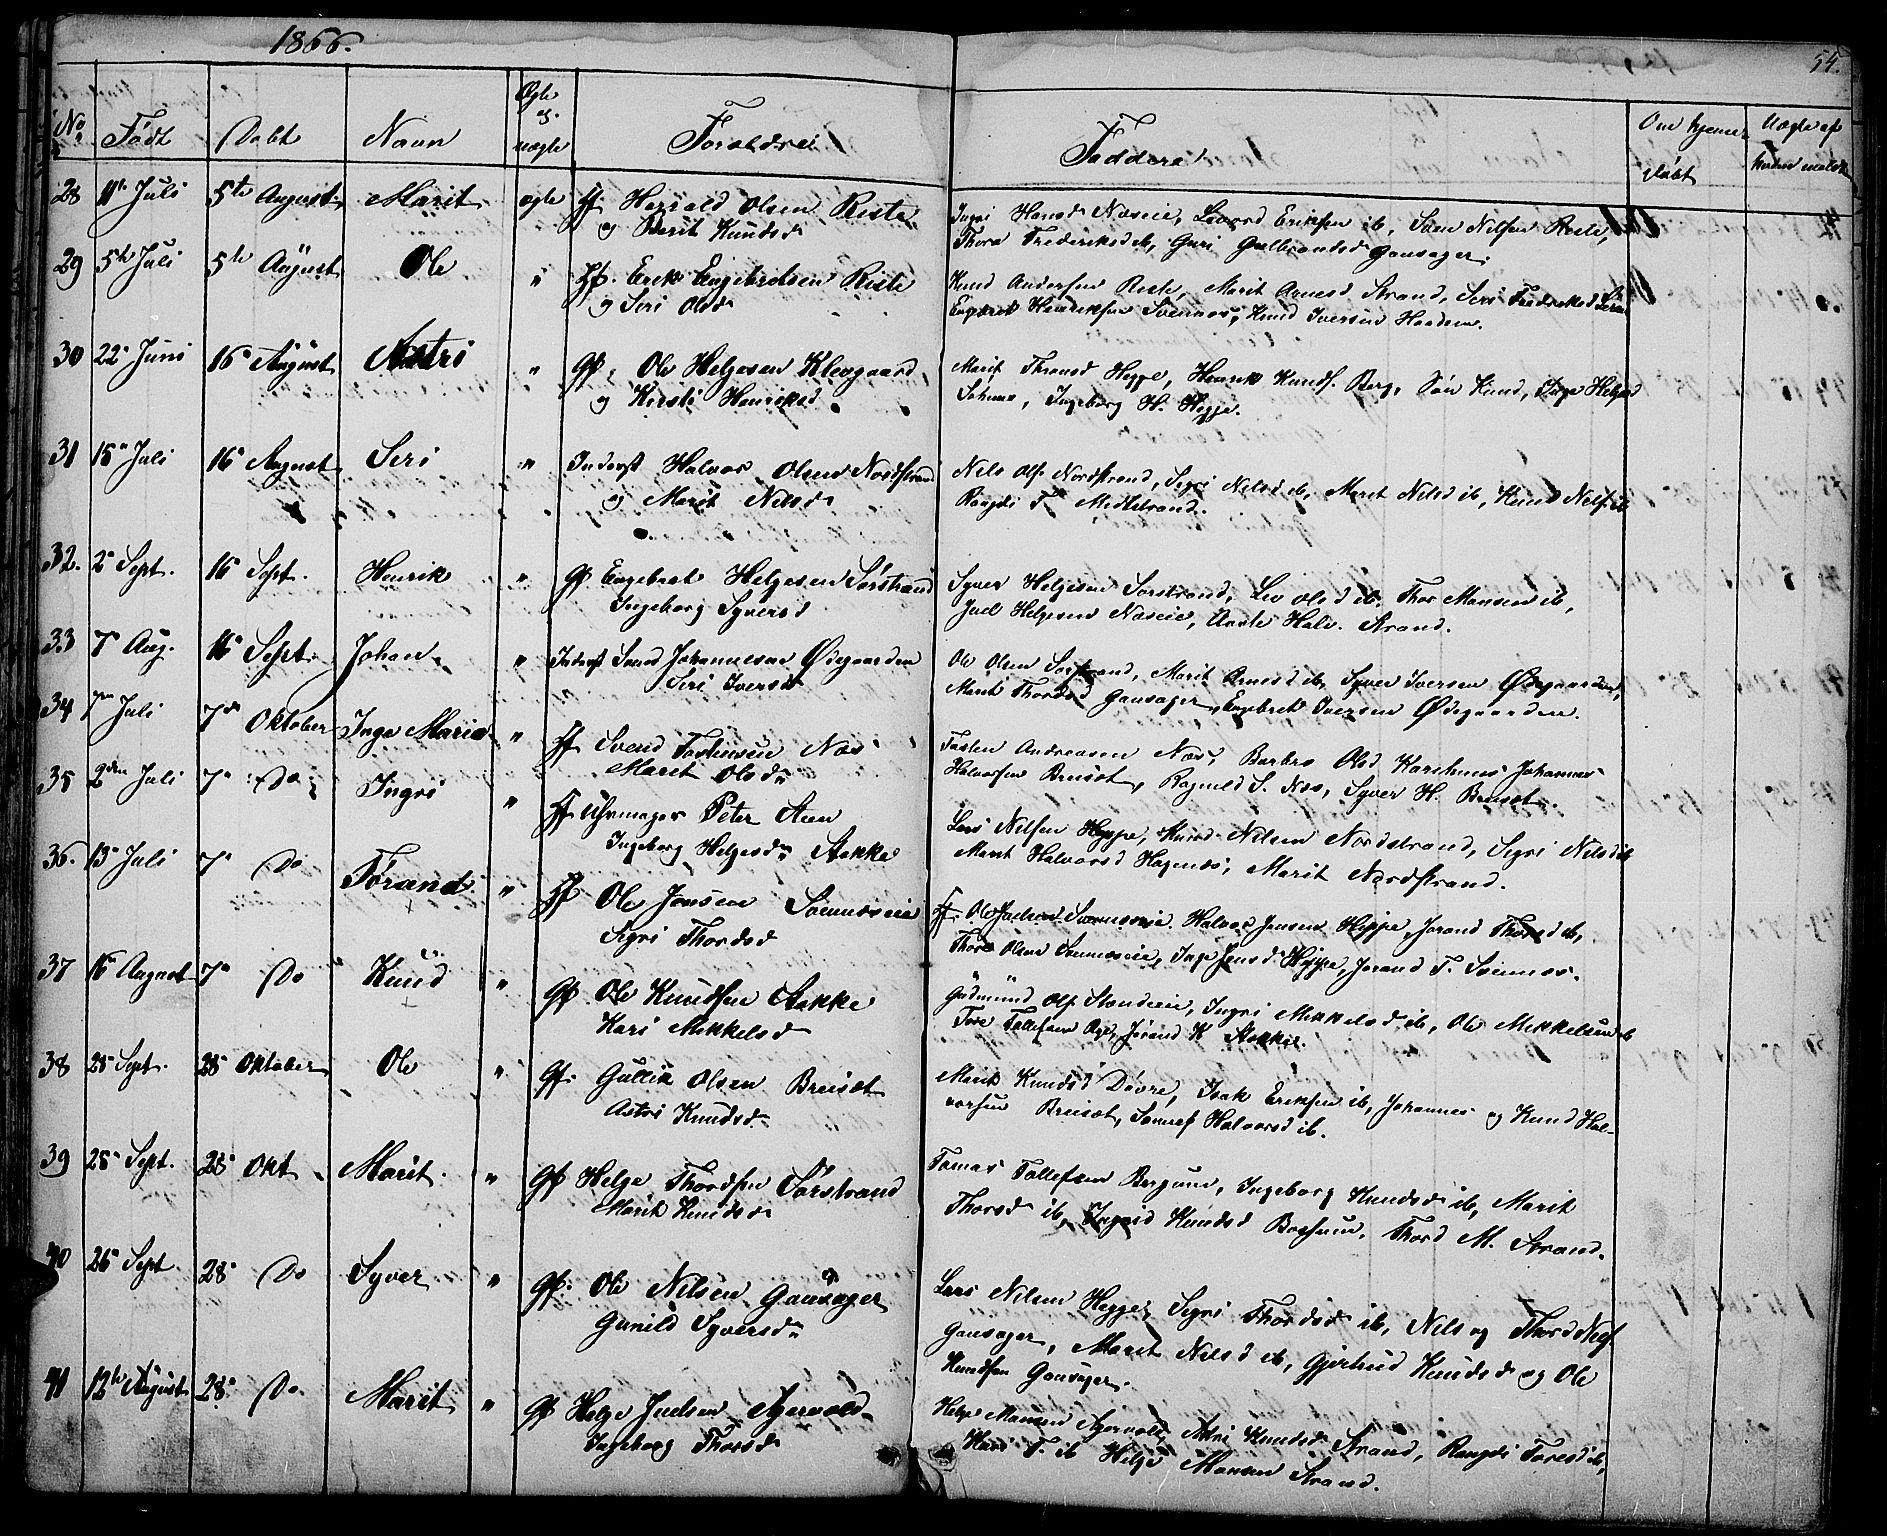 SAH, Nord-Aurdal prestekontor, Klokkerbok nr. 3, 1842-1882, s. 54